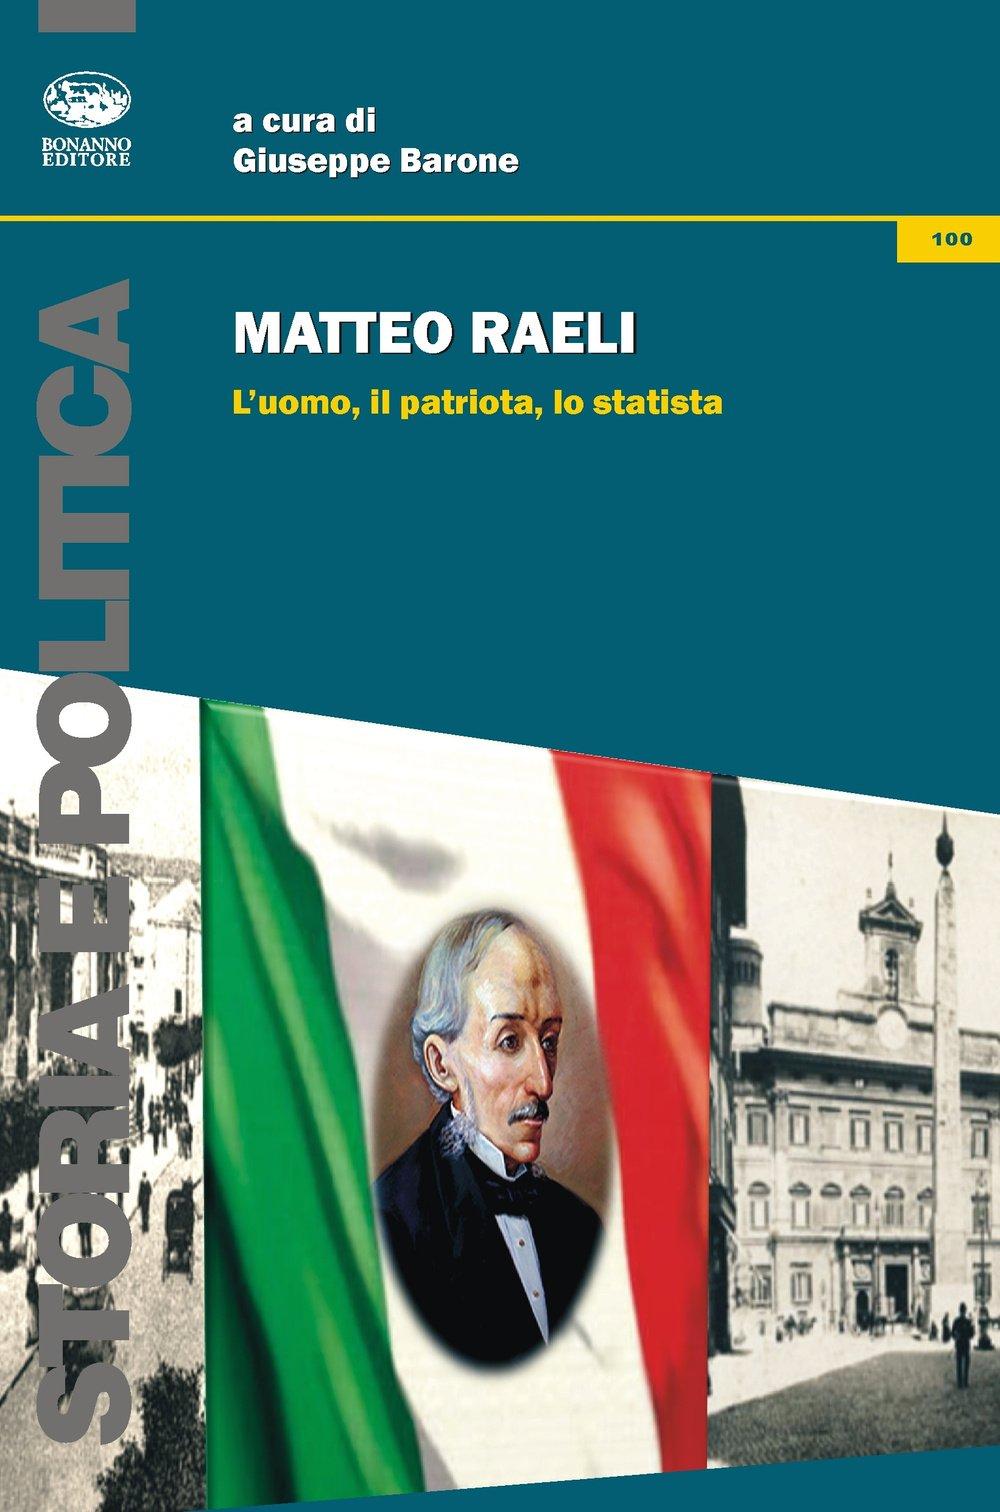 Matteo Raeli